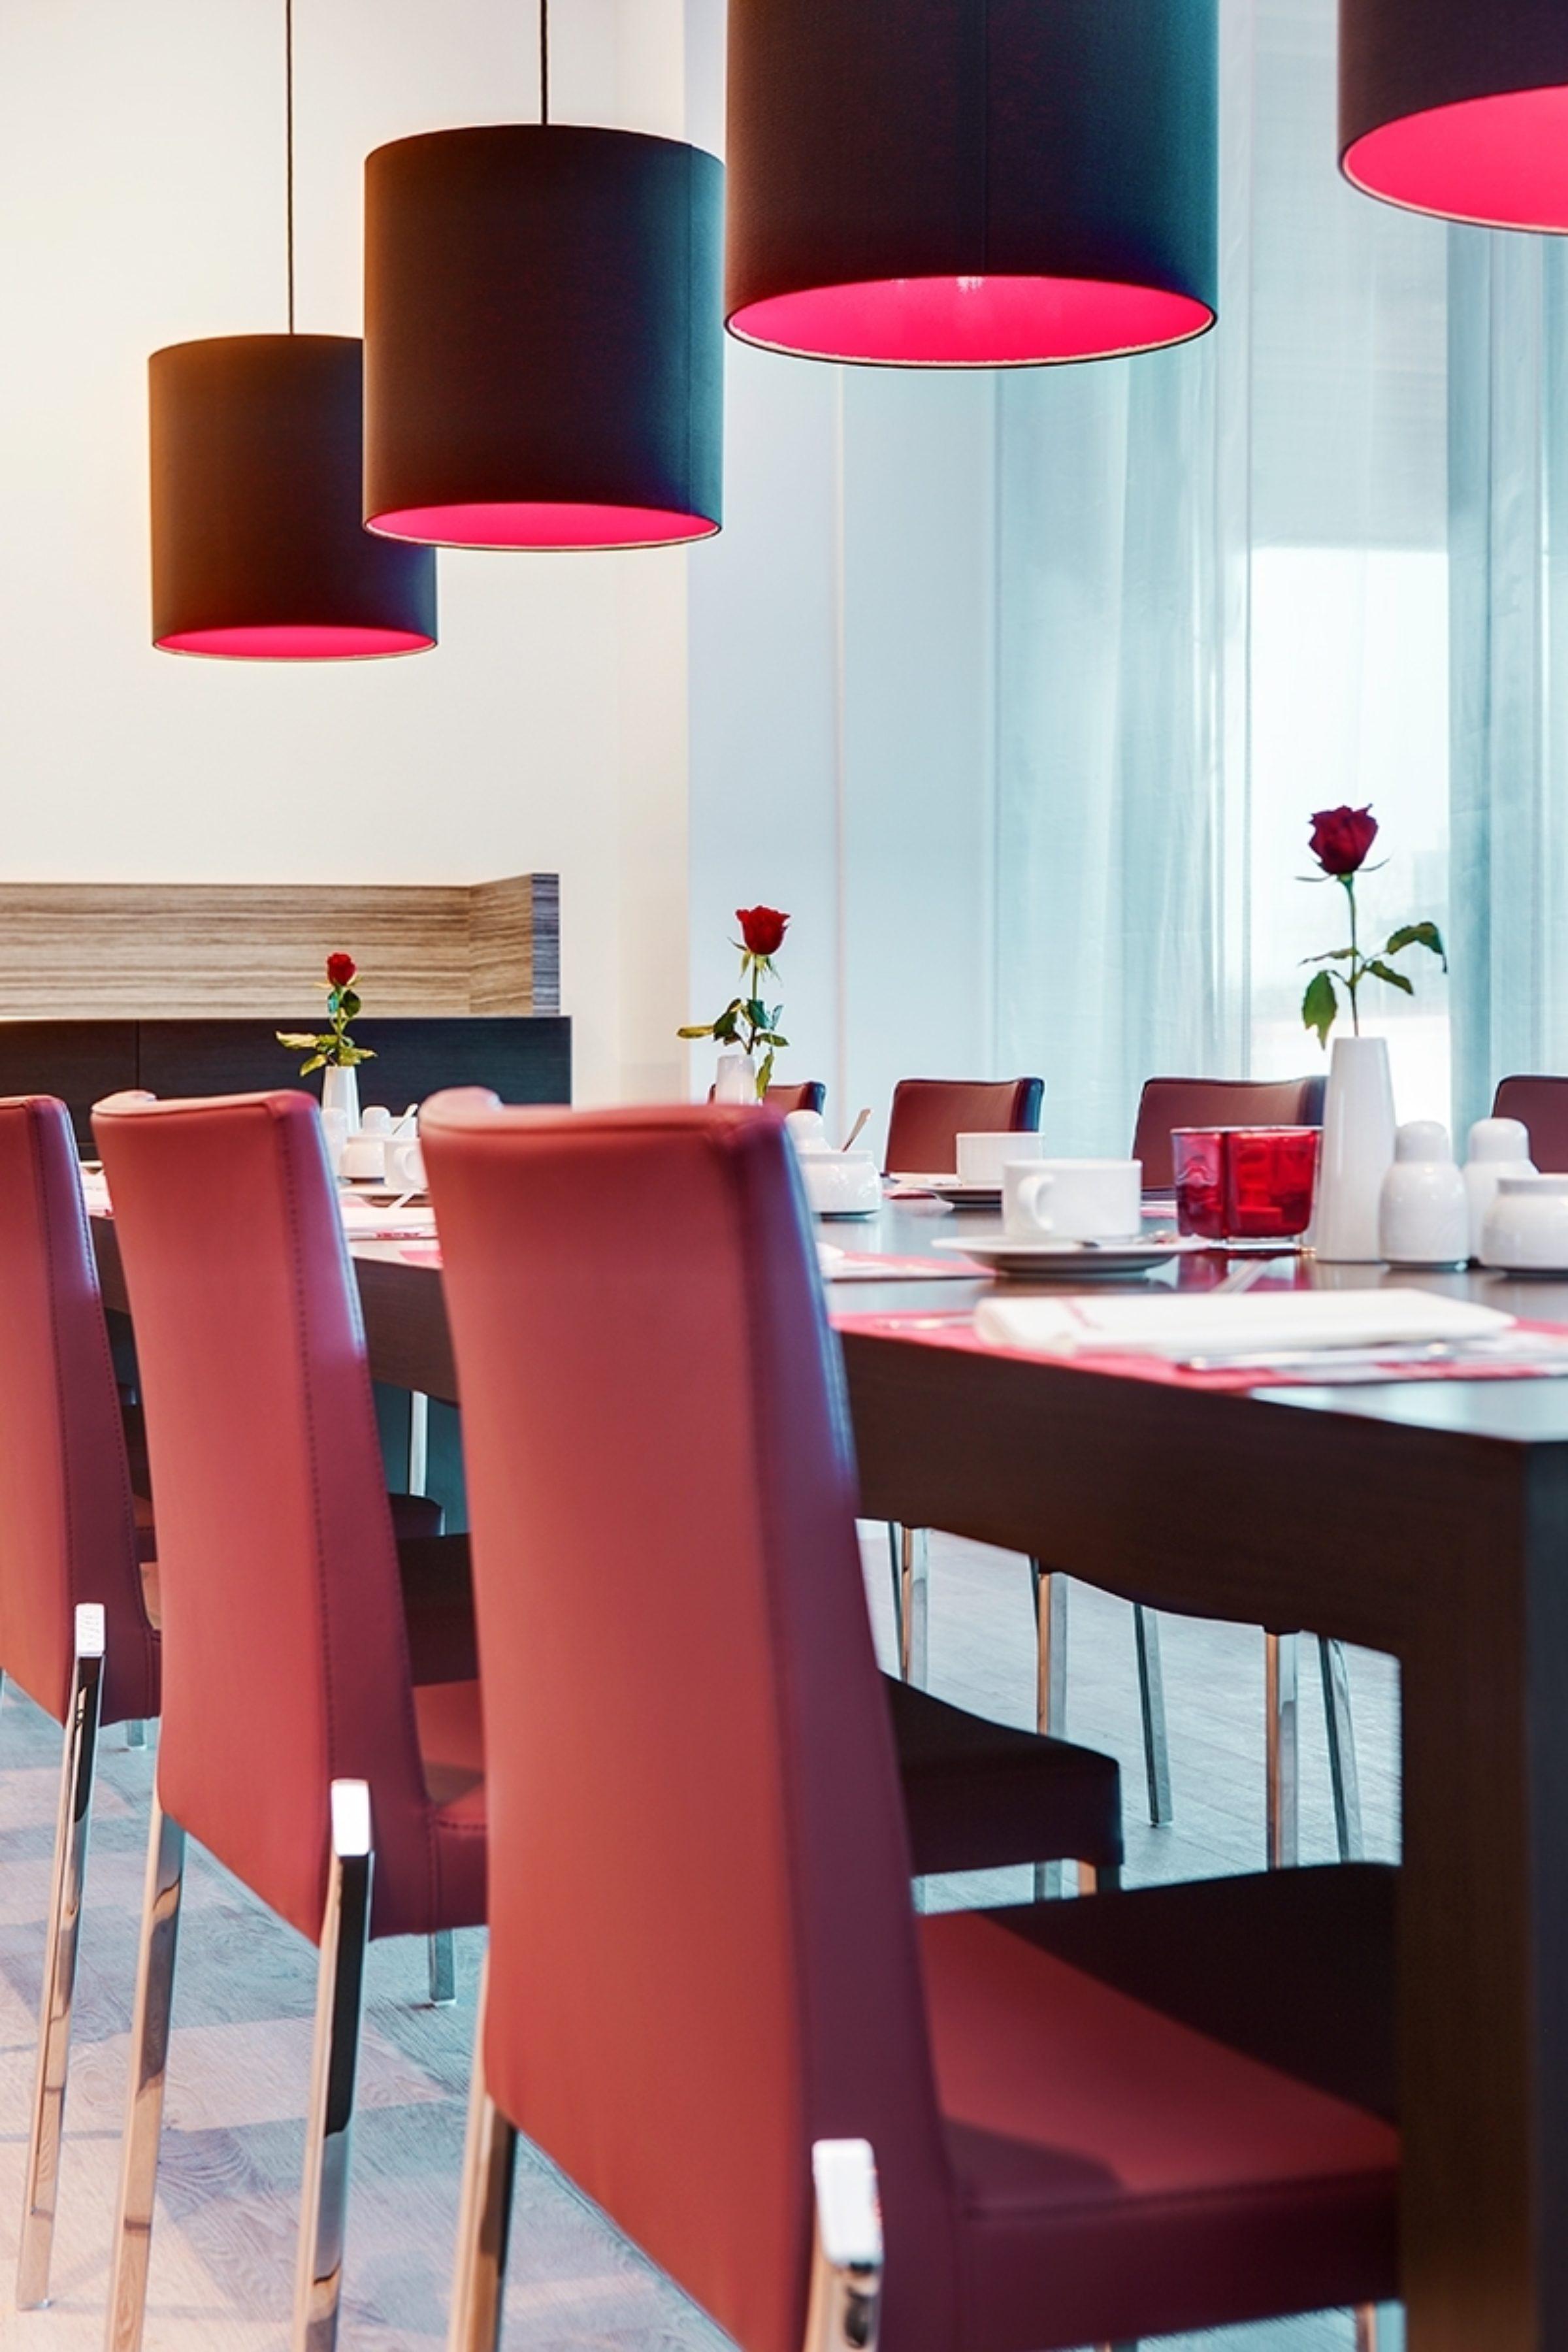 481  Ich  Nl  Enschede  Restaurant  Fruehstueck 9620